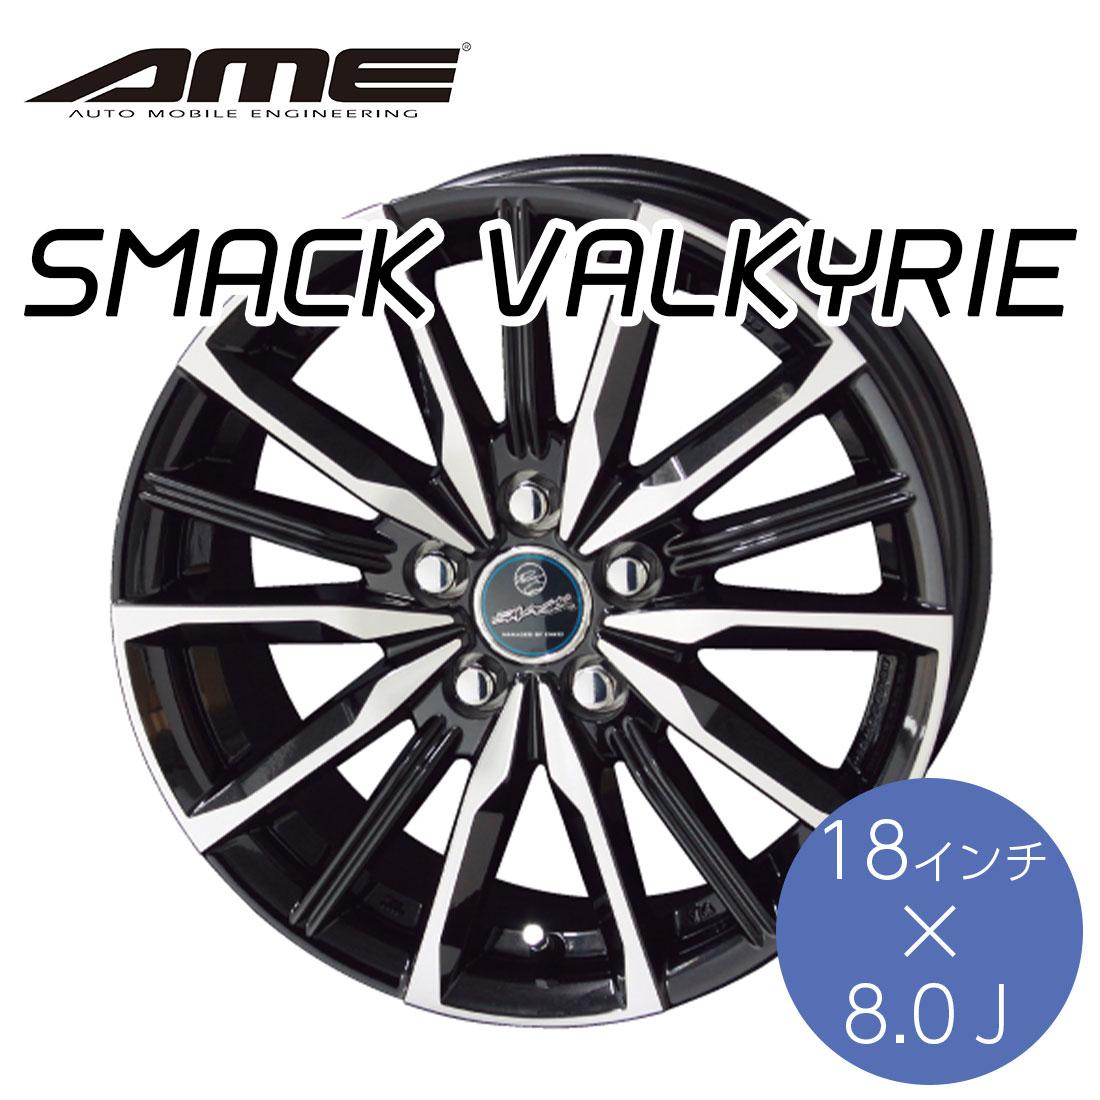 KYOHO ホイール スマック ヴァルキリー 18×8.0J インチ 5H PCD 114.3 SMACK VALKYRIE by AME 共豊 サファイアブラック×ポリッシュ かっこいい 車